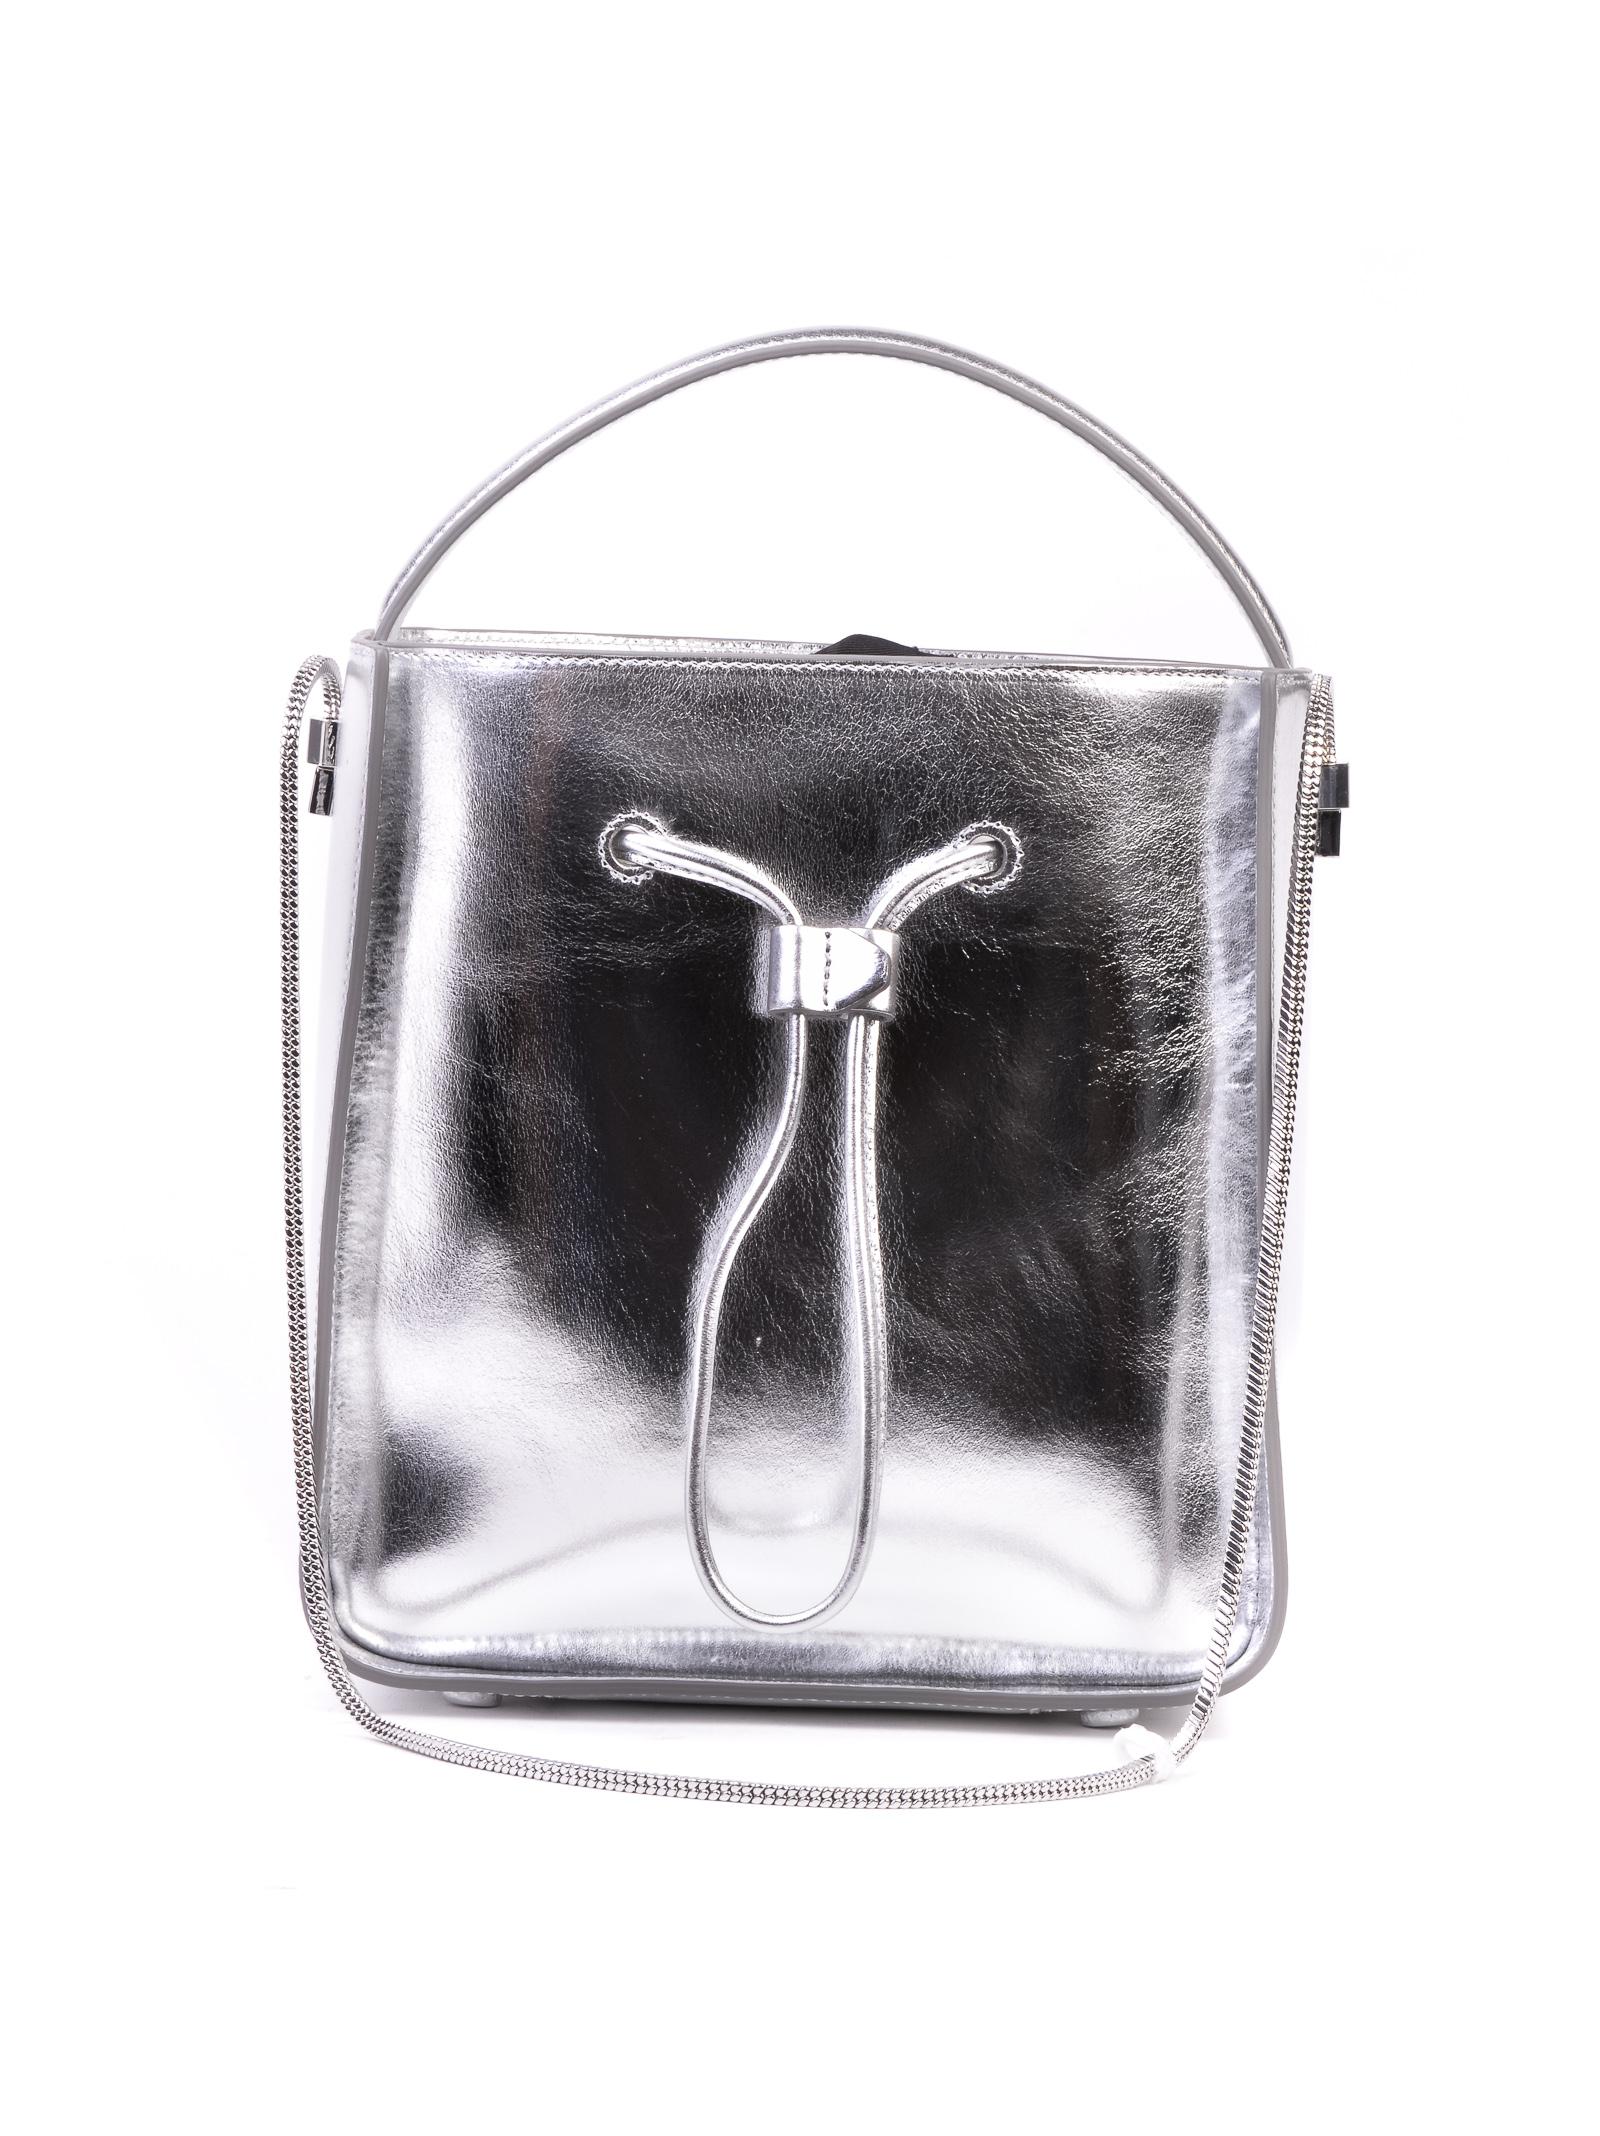 3.1 Phillip Lim 3 1 Phillip Lim Soleil Small Bucket Bag